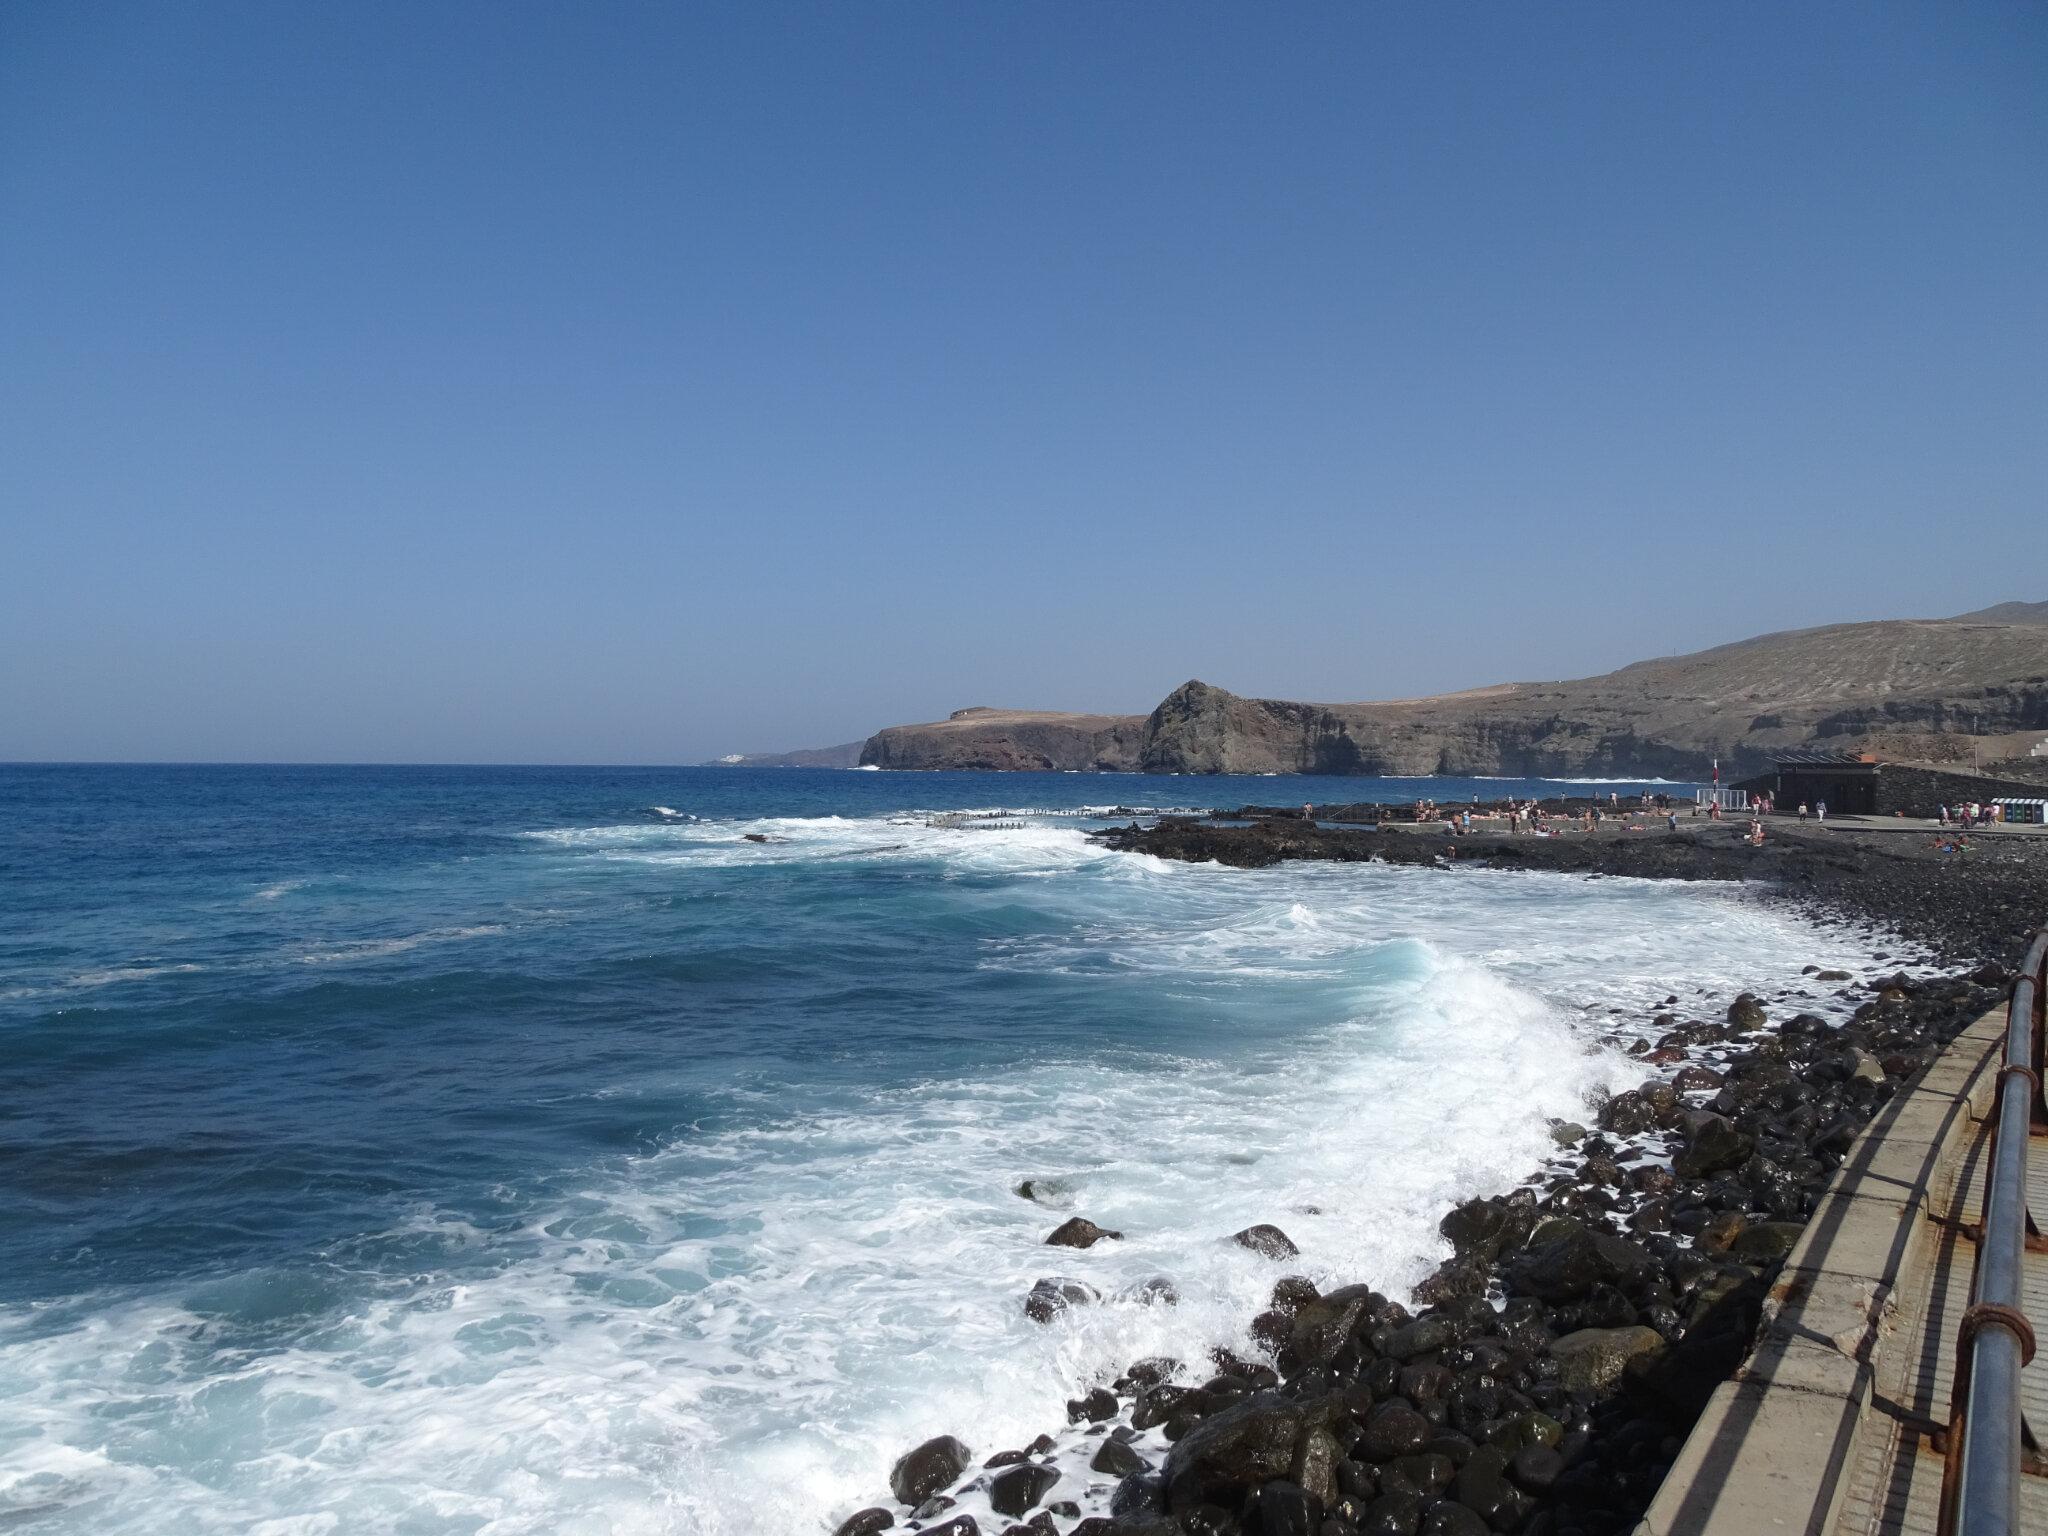 PISCINES NATURELLES DE MER, PUERTO DE LAS NIEVES, AGAETE (île de Gran Canaria)